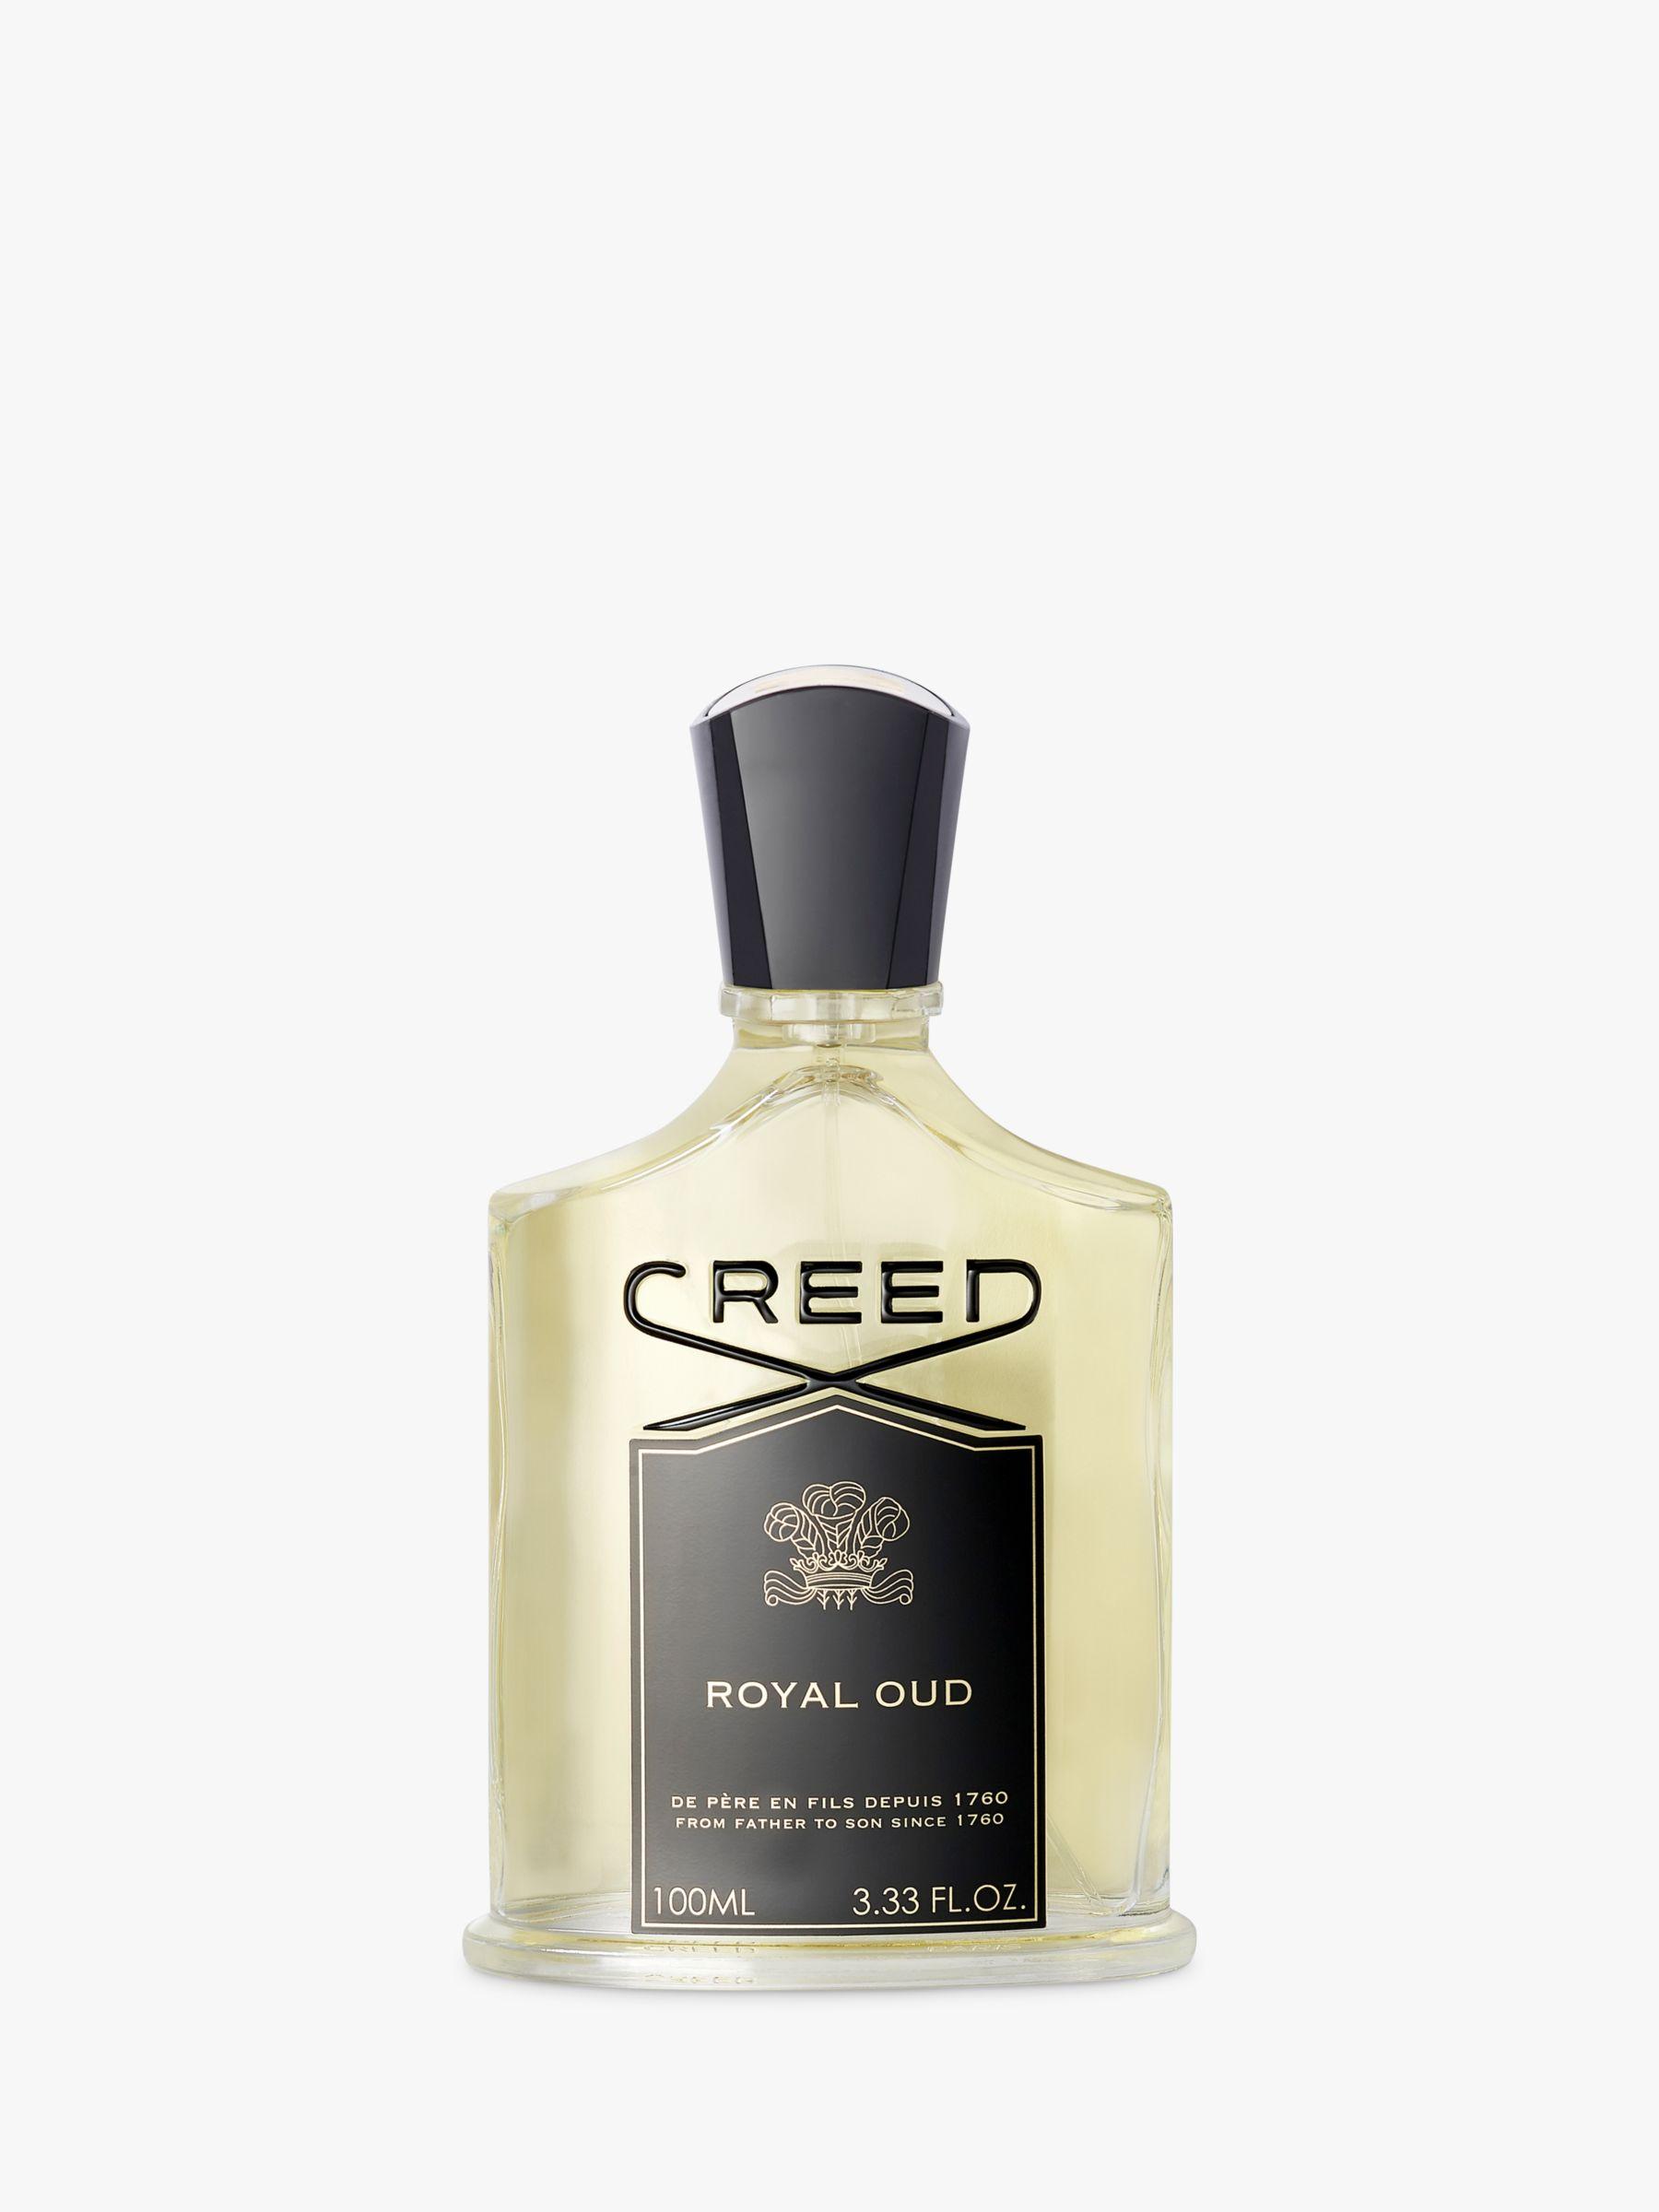 Creed CREED Royal Oud Eau de Parfum, 100ml